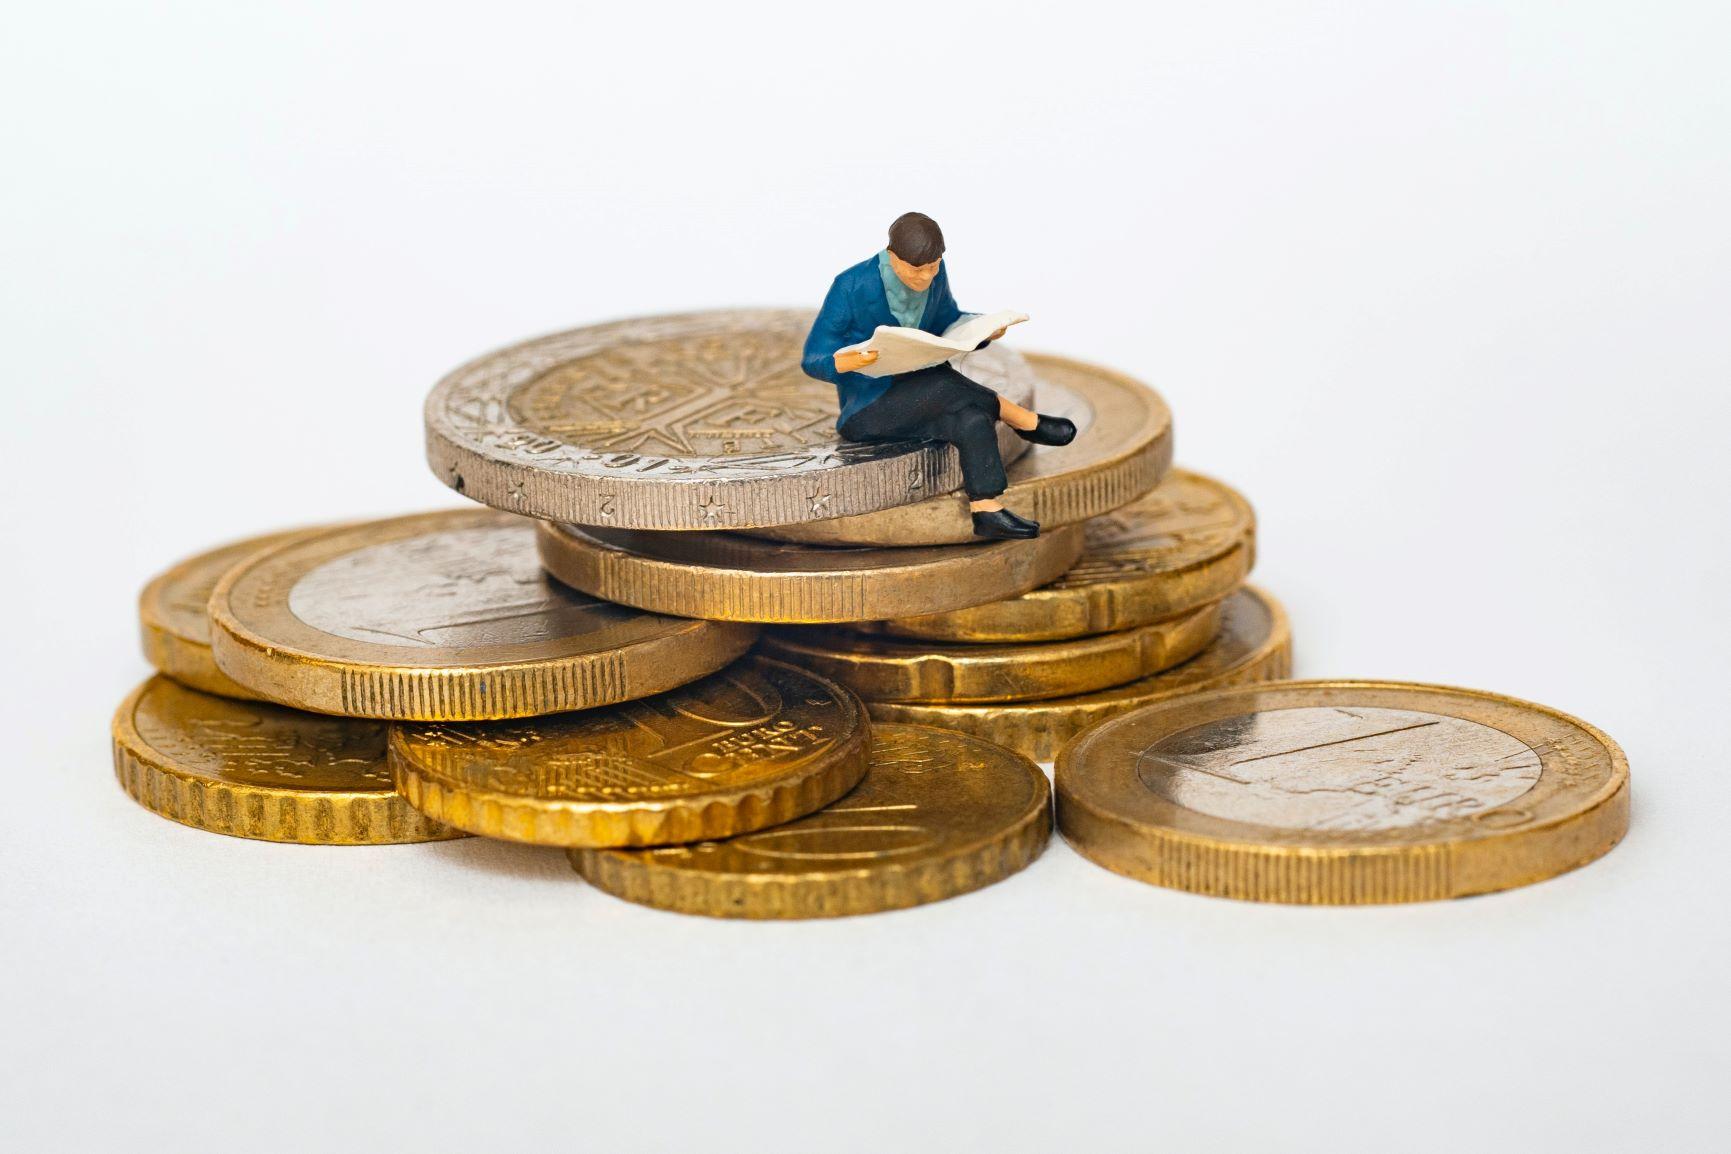 Вы уже имеете половину знаний для получения нового дохода! - фото 1